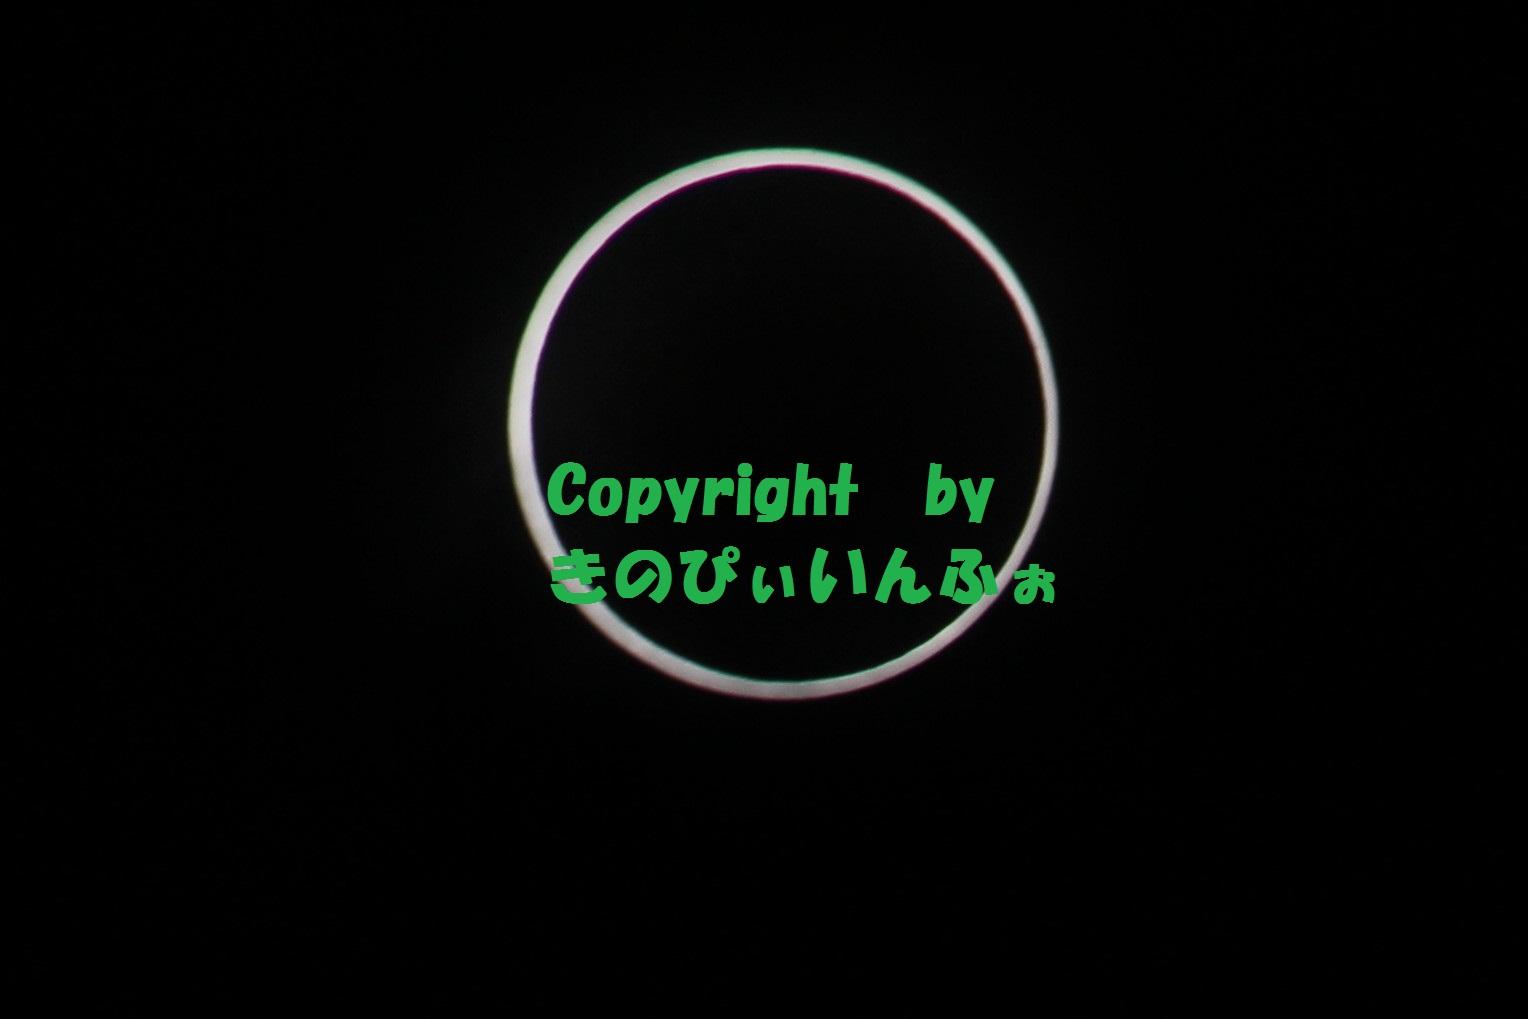 金環日食取ったどぉ~…いや、撮ったどぉ~